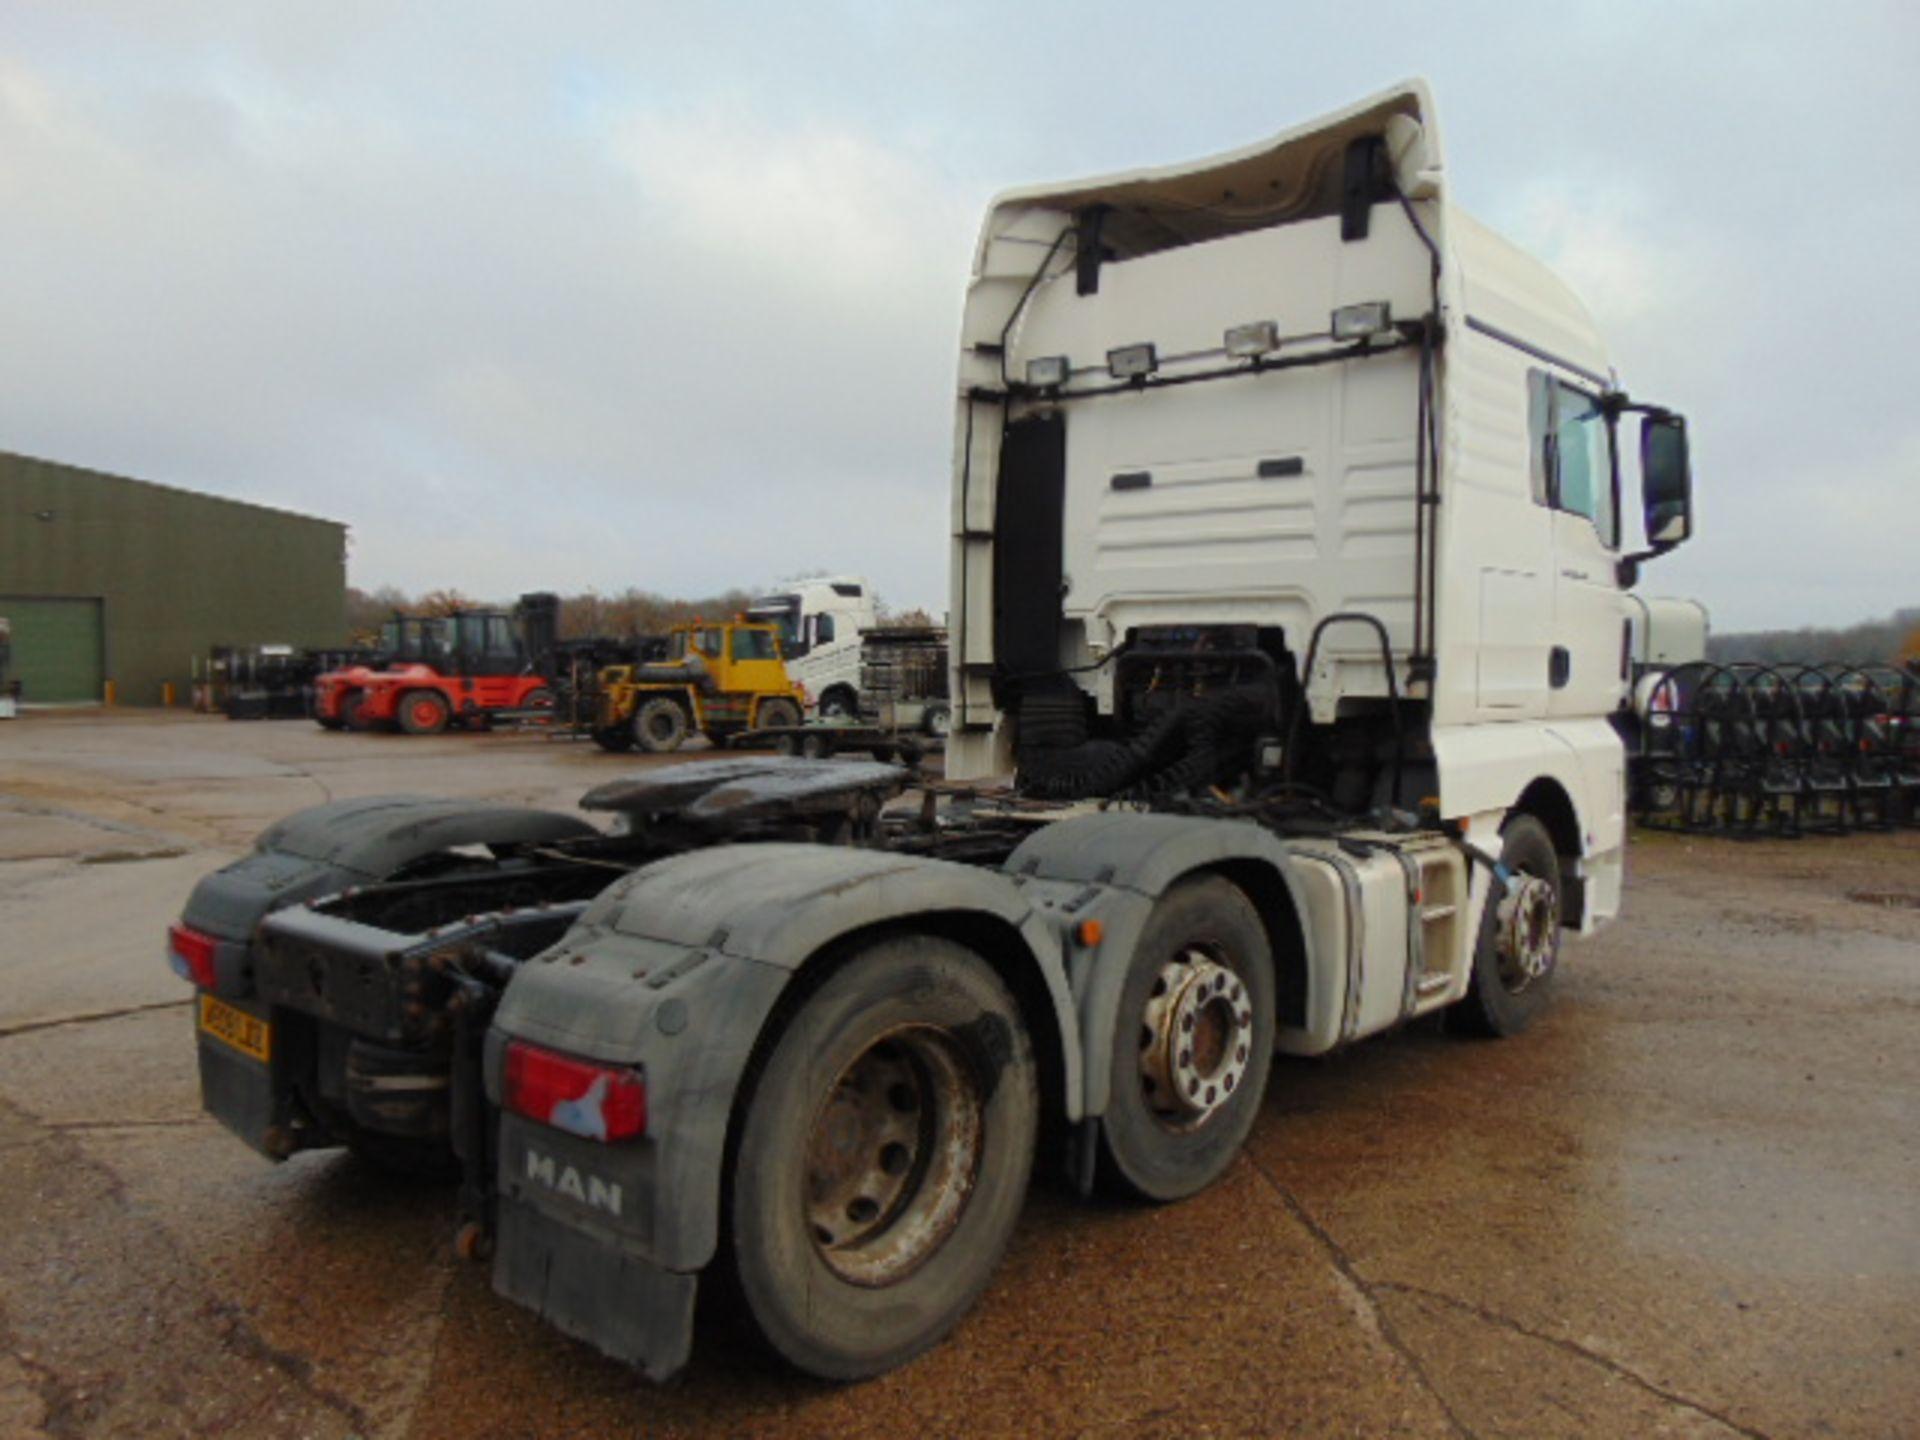 Lot 10 - MAN TGX 26.440 44ton 6x2 Tractor unit